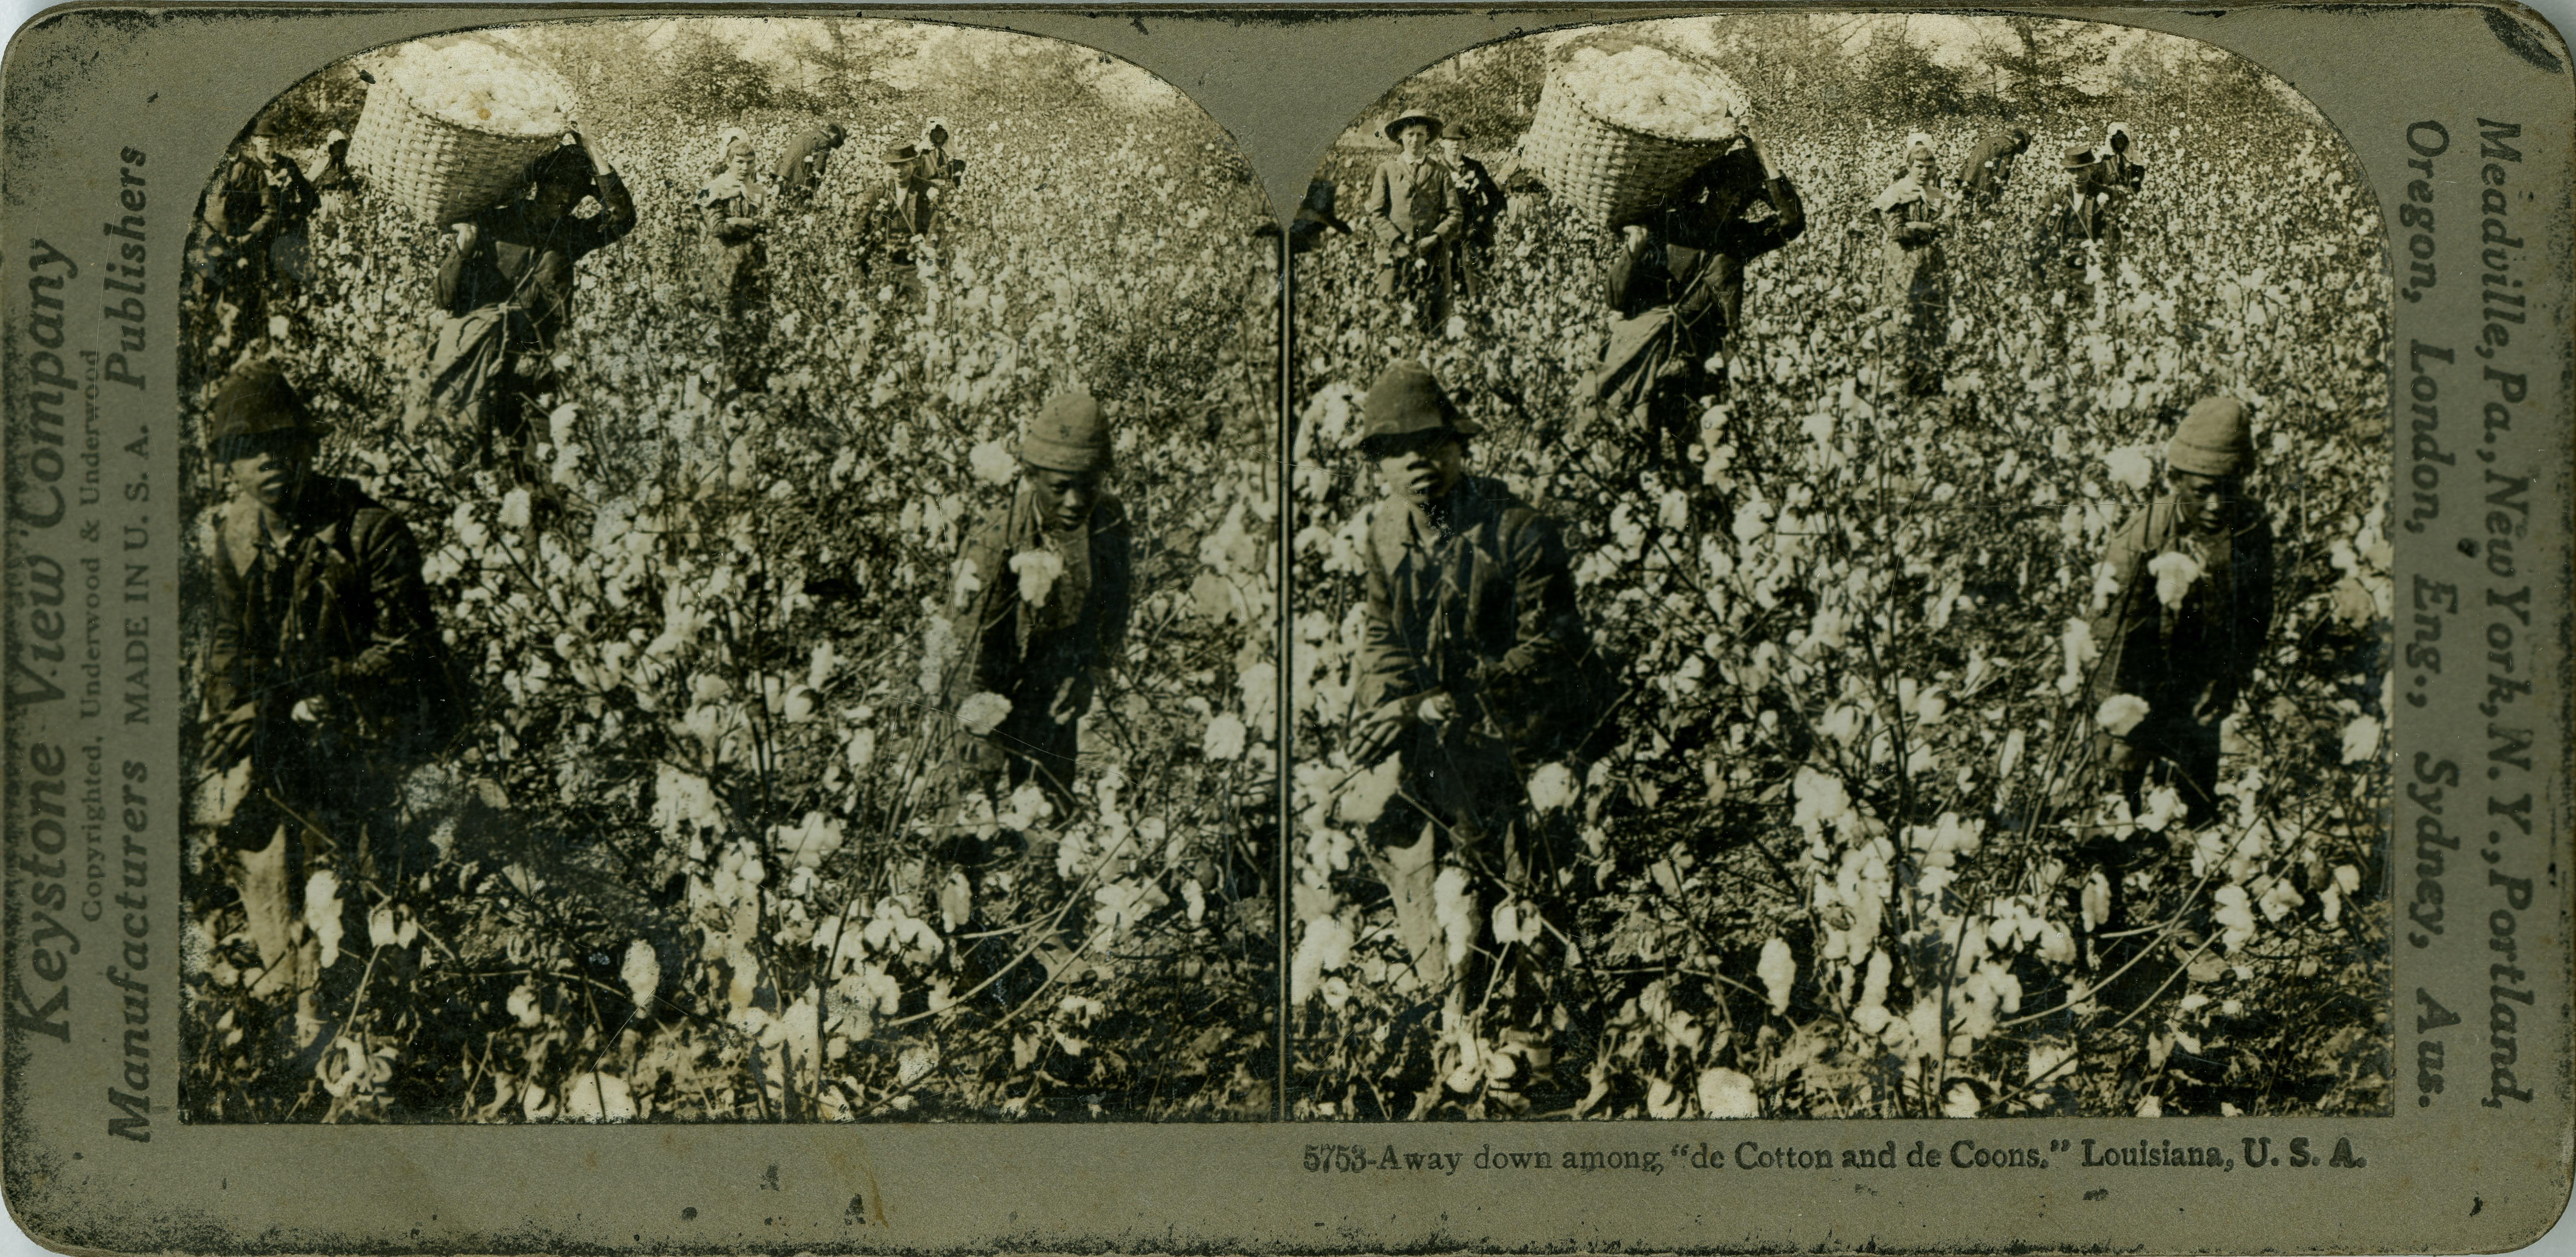 Away down among de cotton